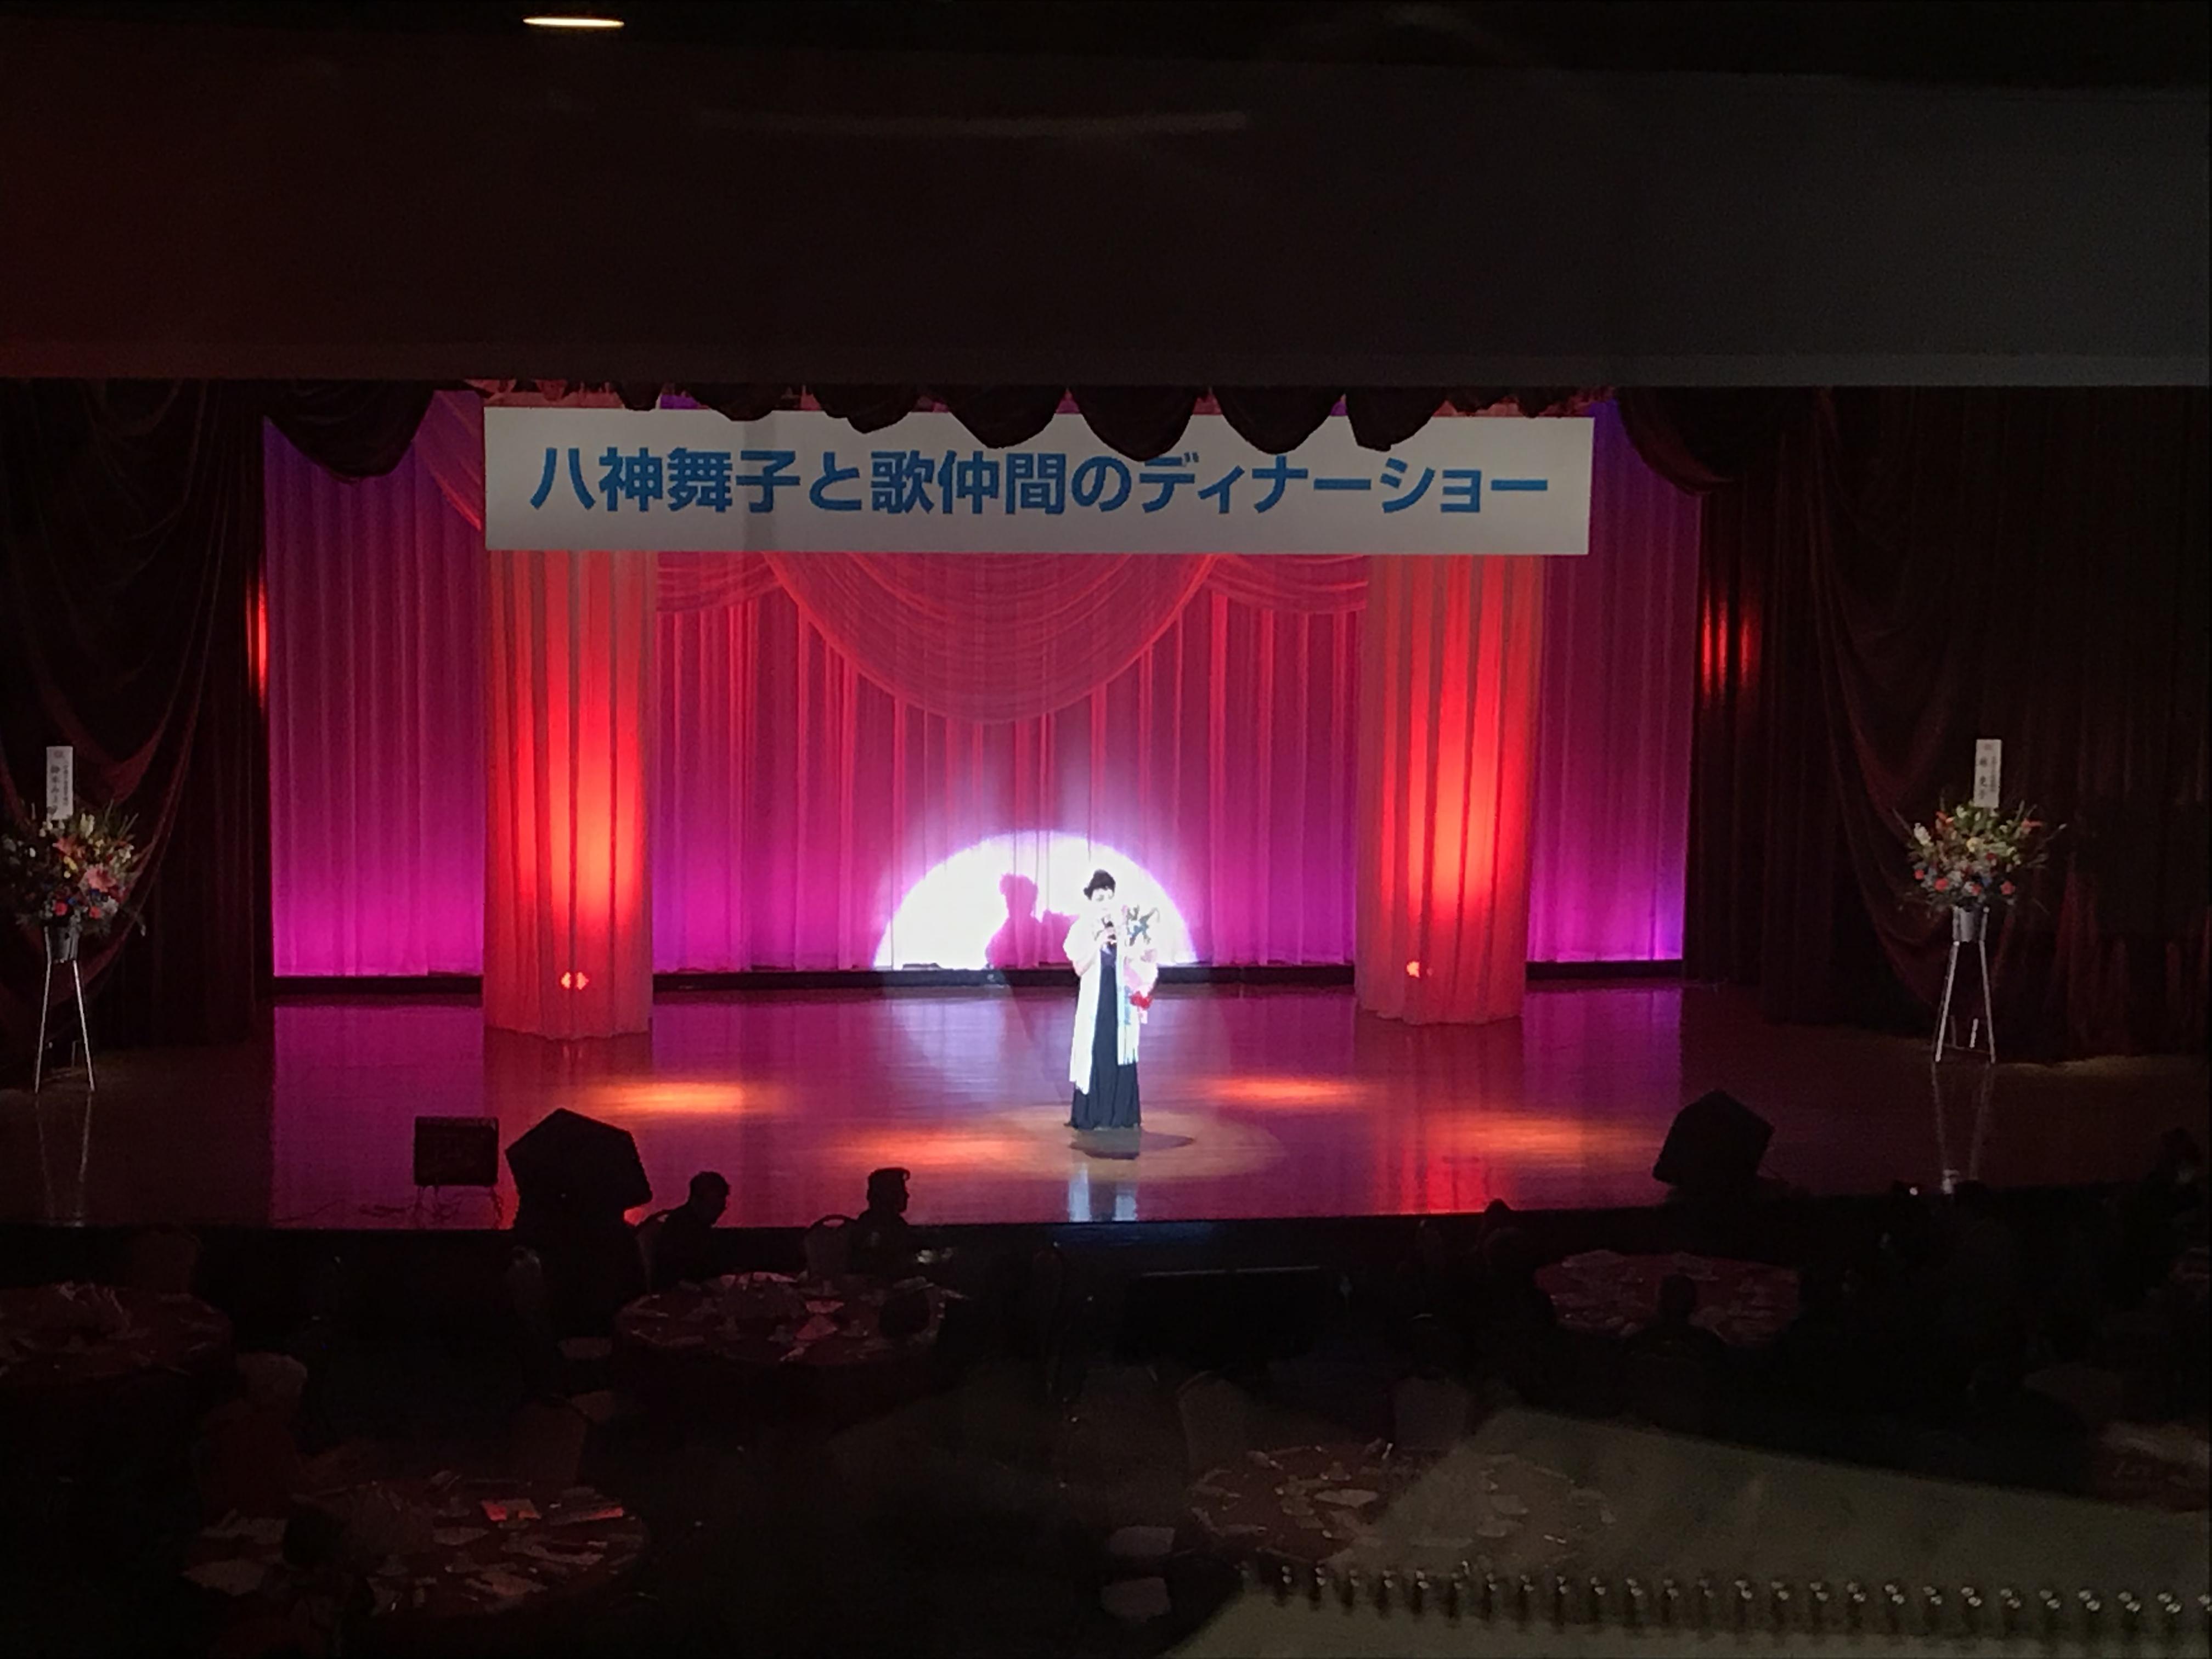 八神舞子歌謡ディナーショー